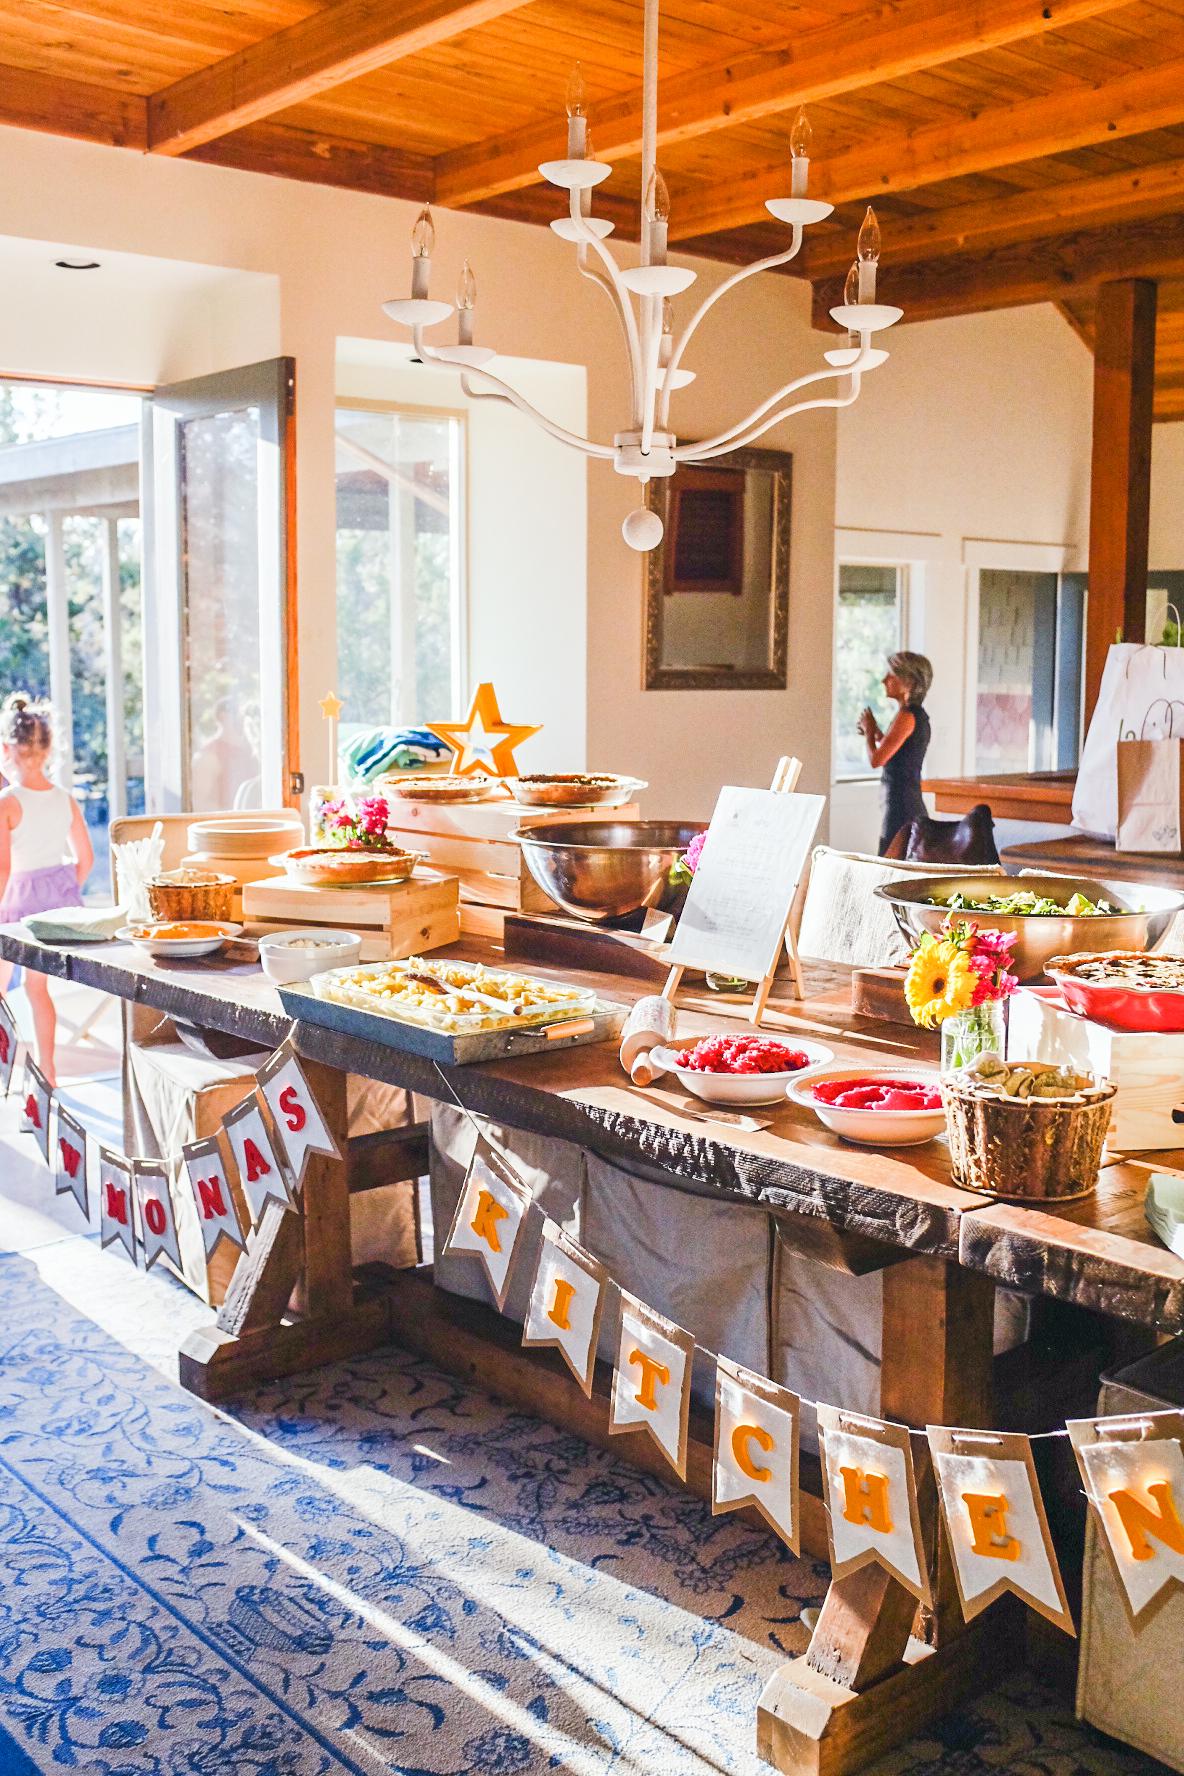 rawmonas-kitchen_catering-2.jpg